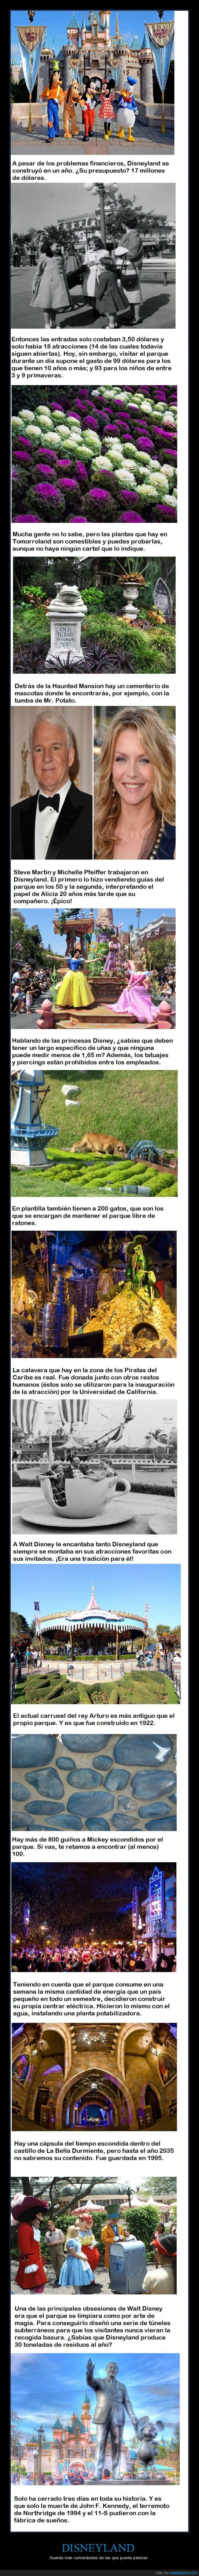 Disneyland,diversión,juegos,parque de atracciones,Walt Disney